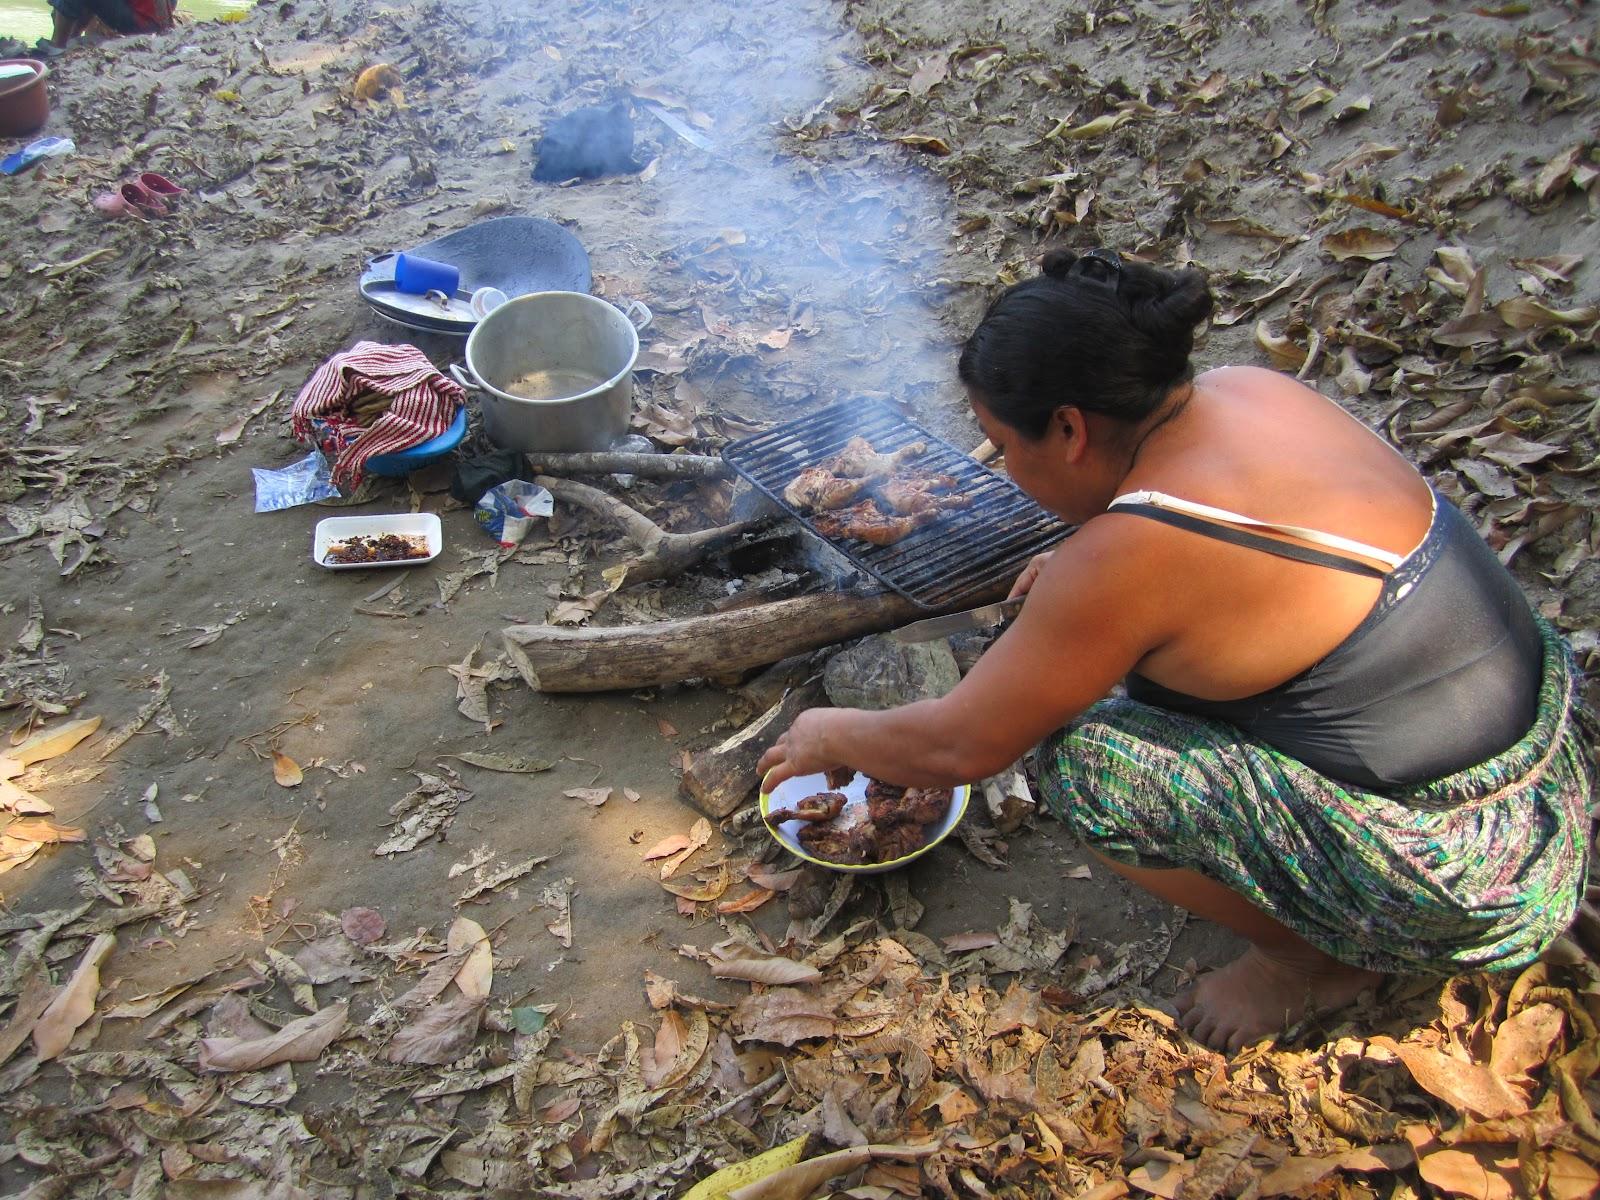 les hommes de la compagnie pour les femmes au guatemala